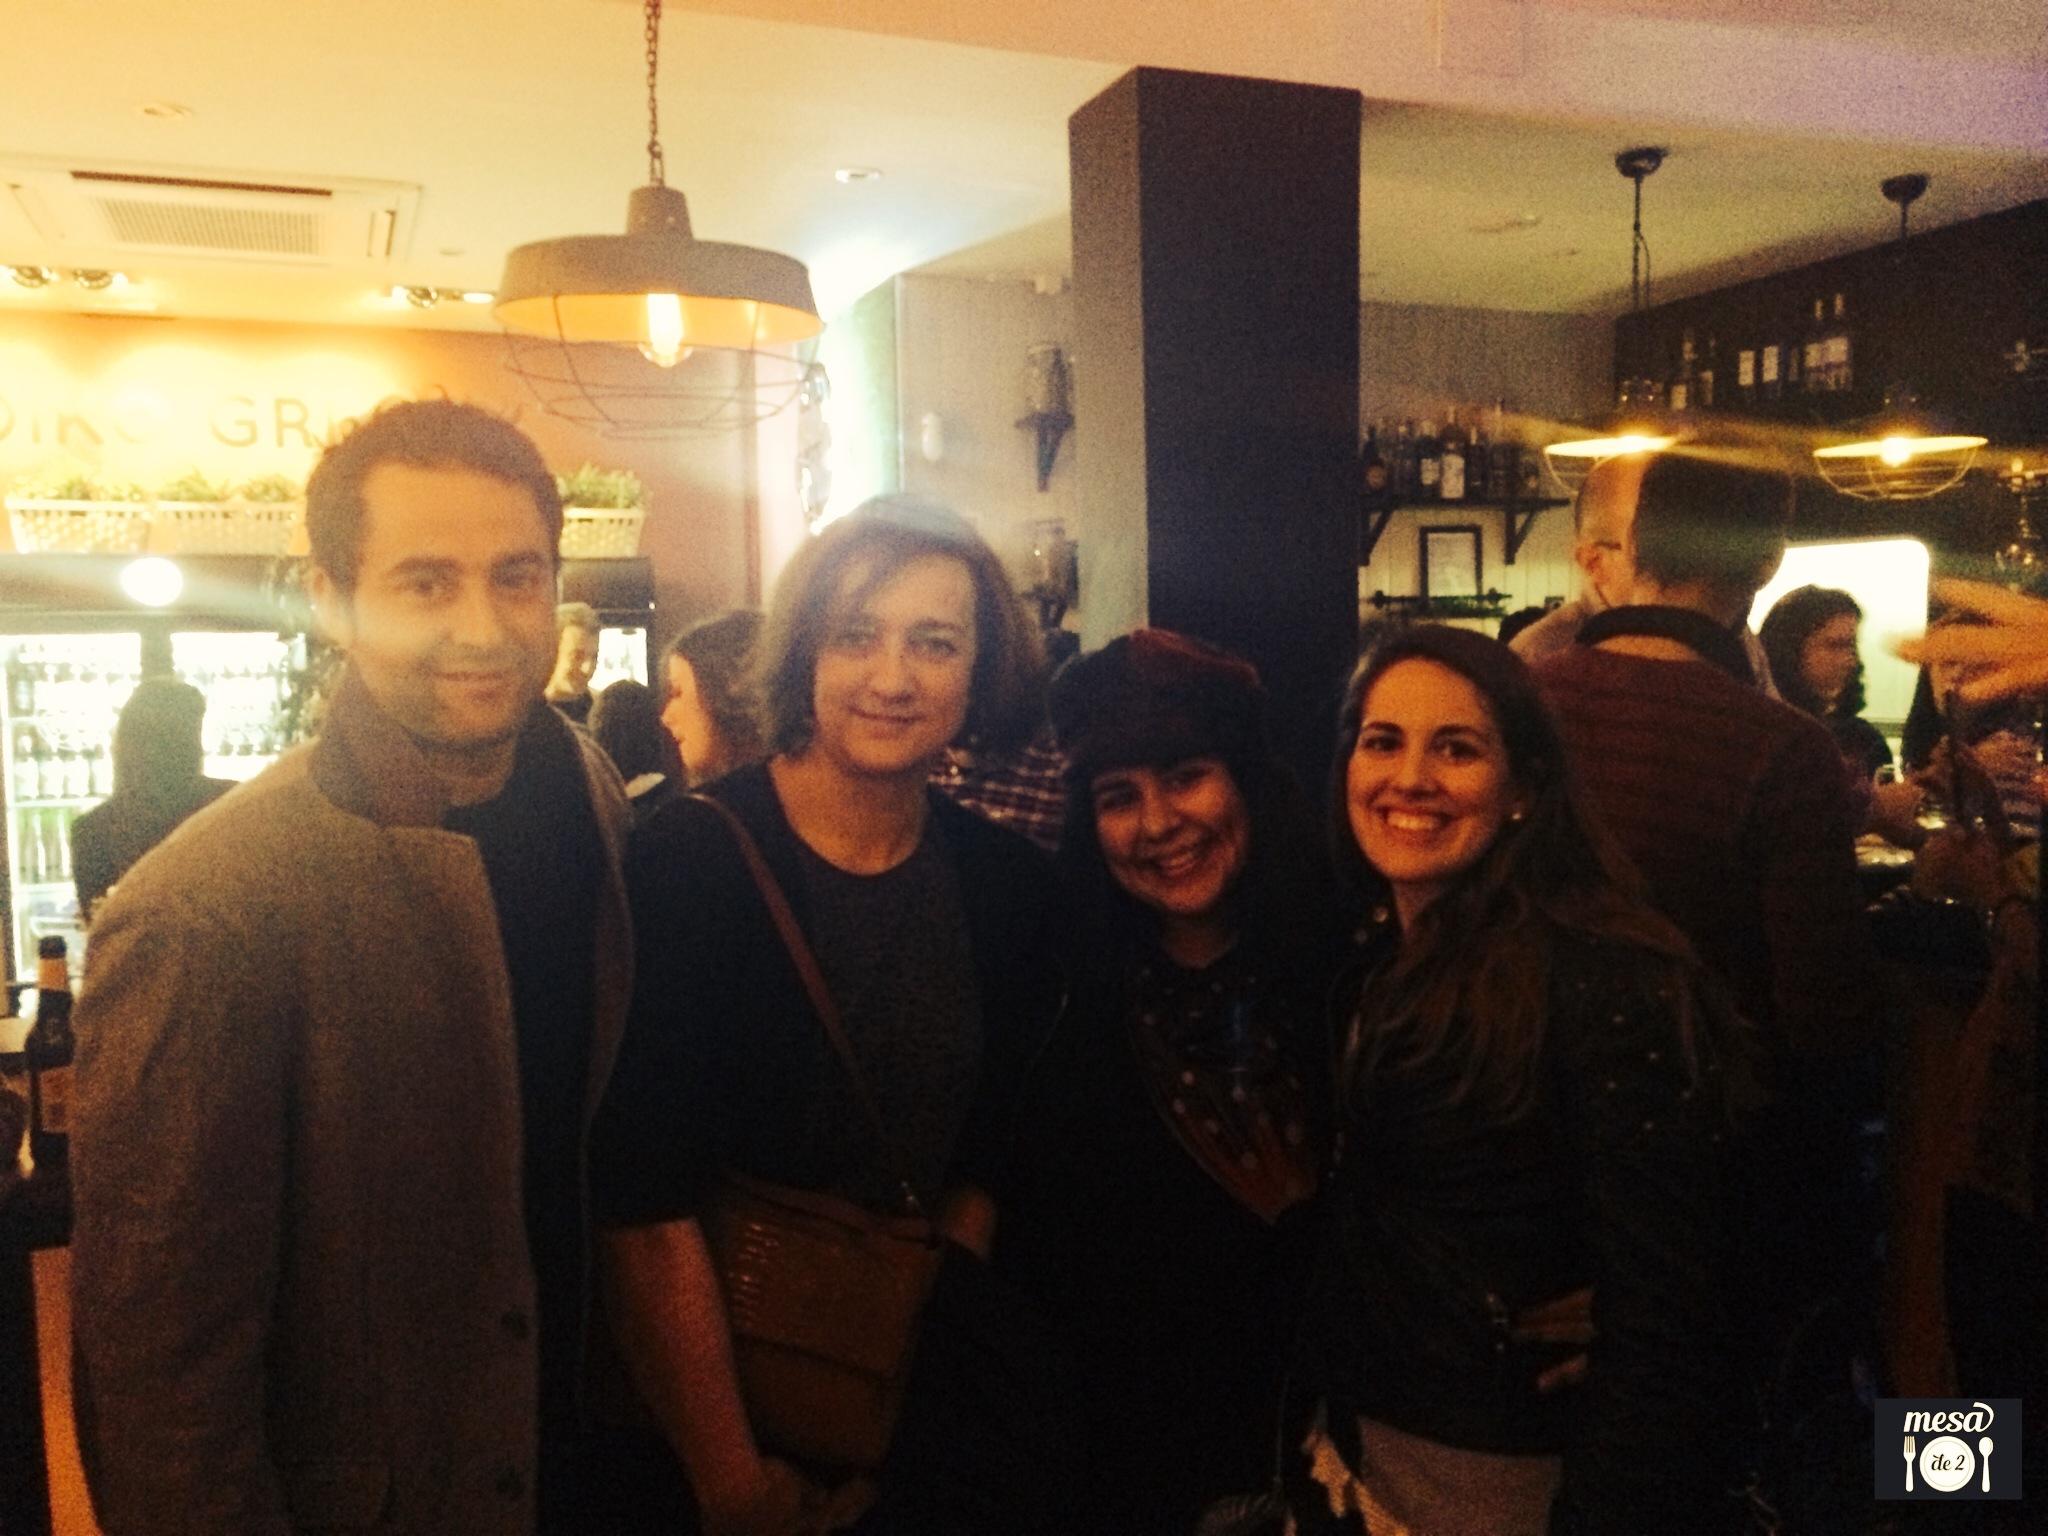 Patsy (Madrid Seduce), Eva (Gastro Activity) y María e Iván (Mesade2)